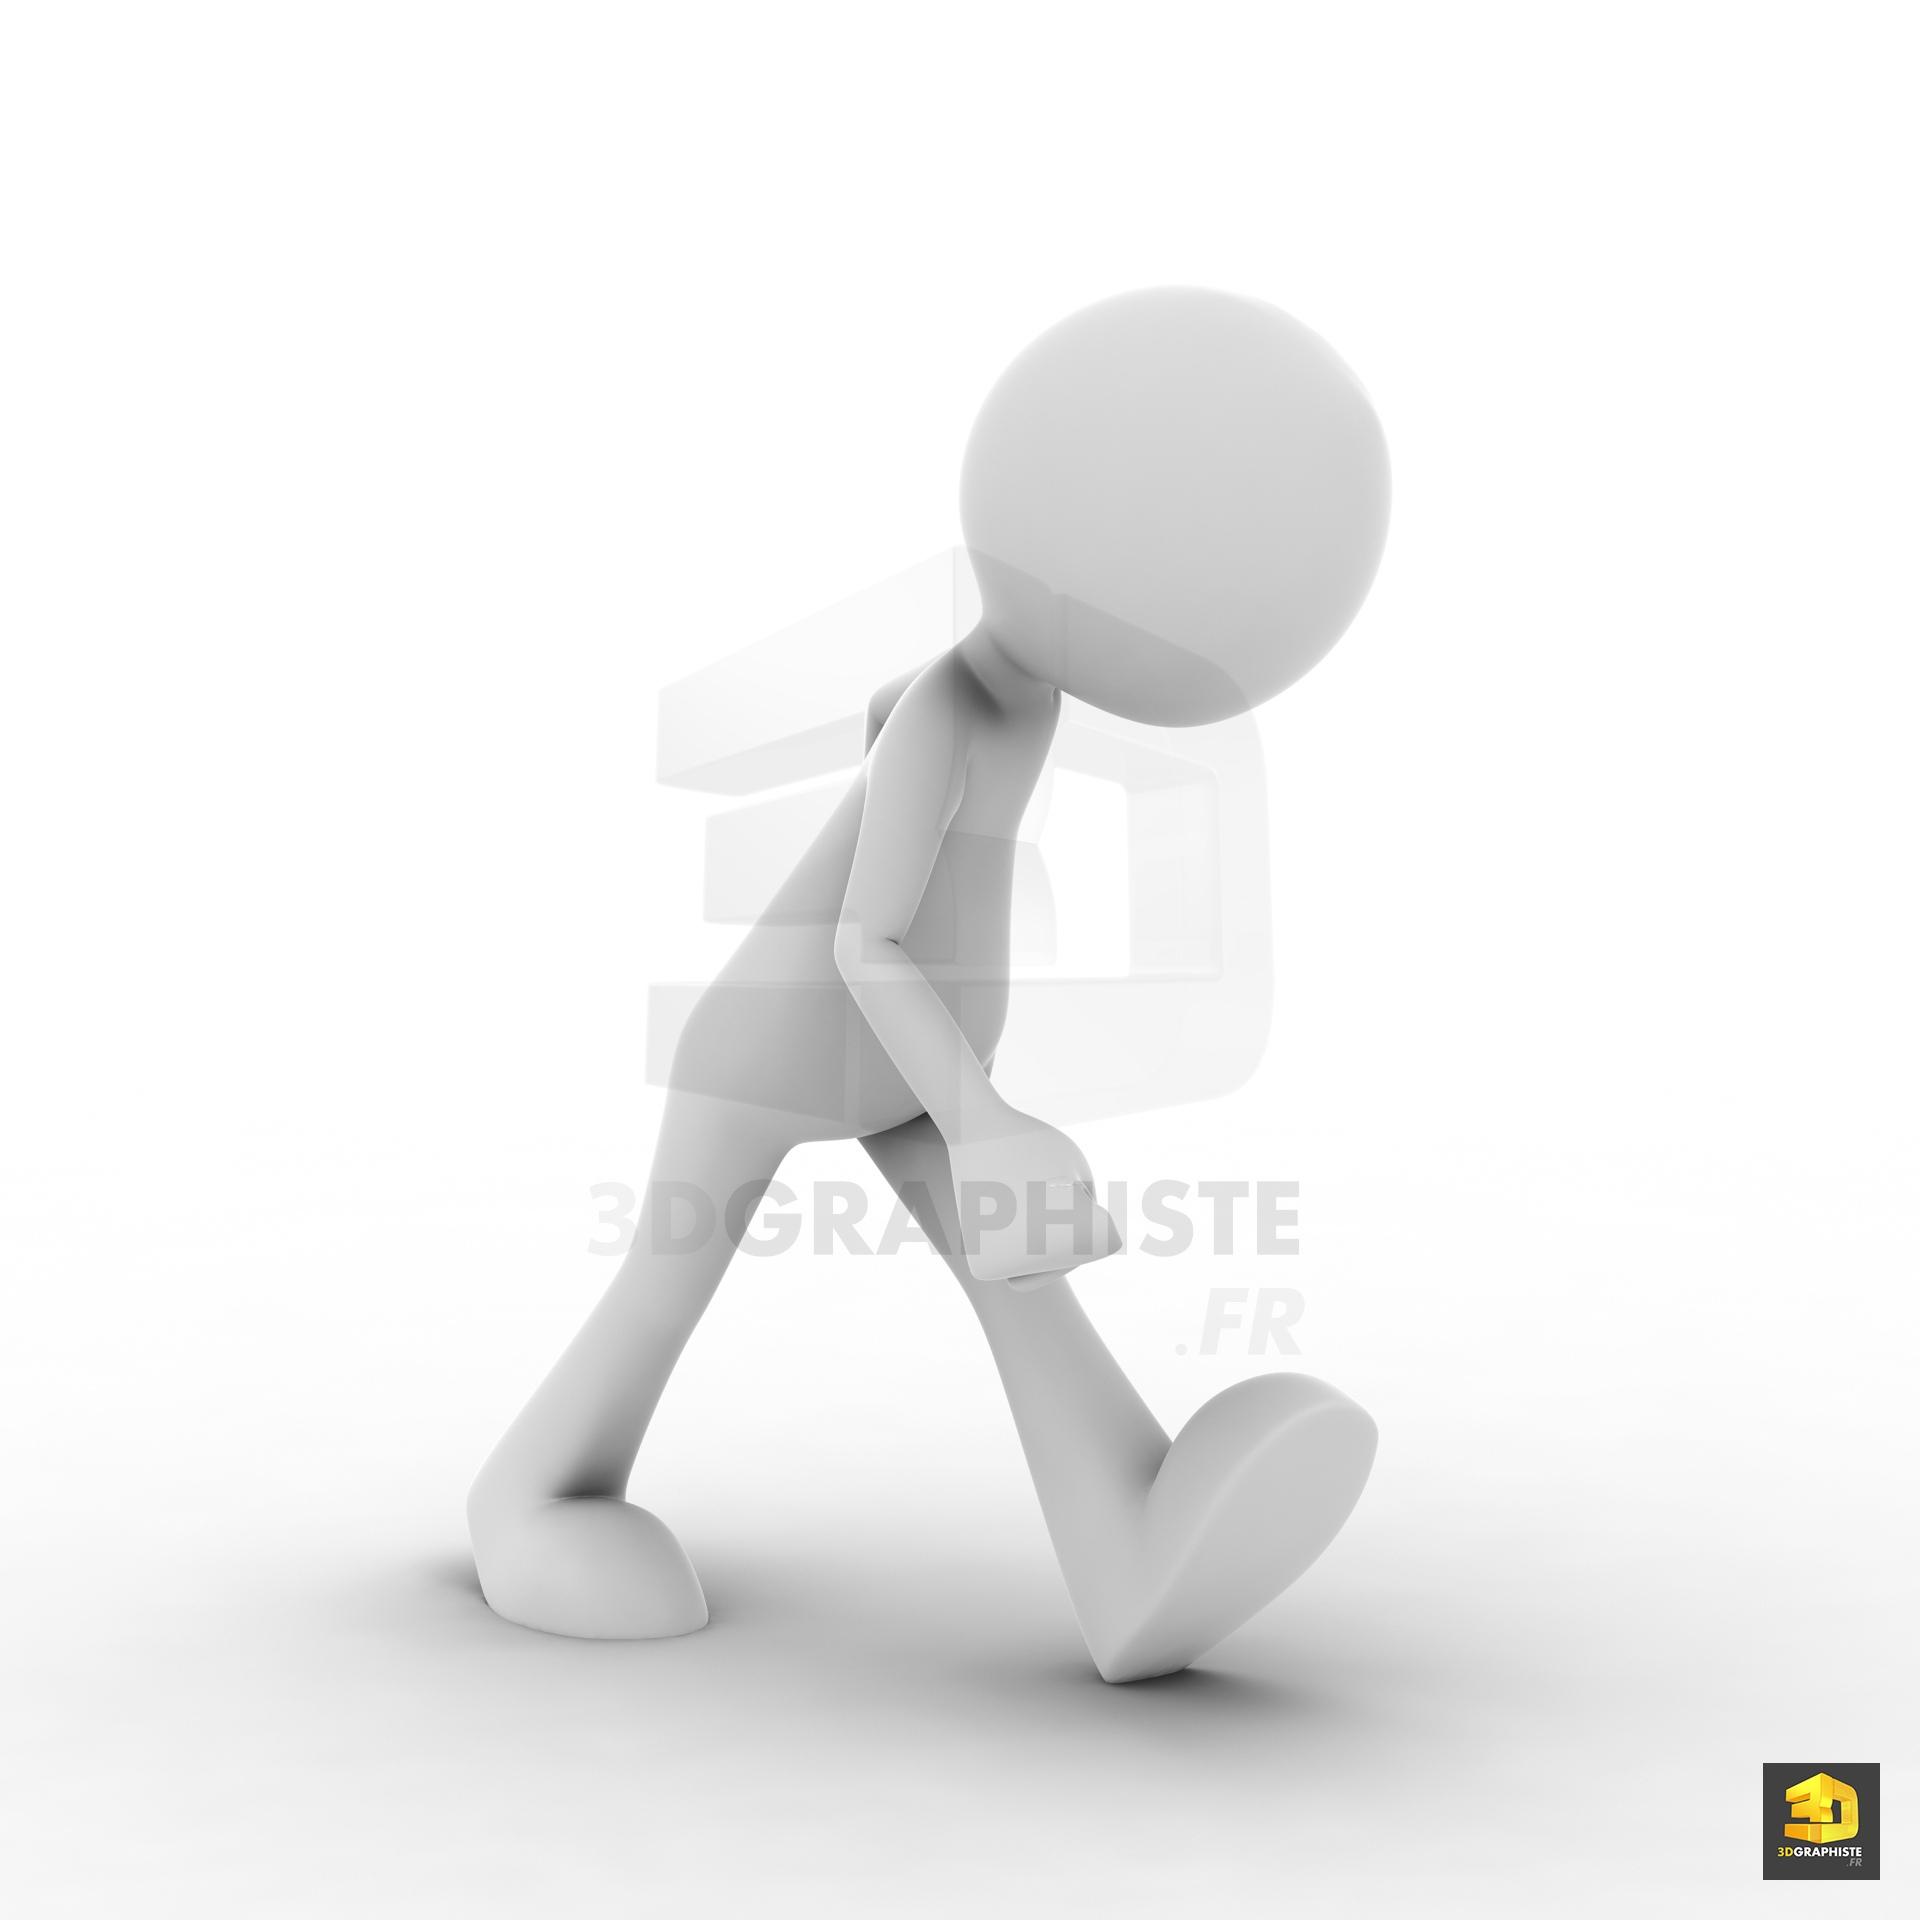 Bonhomme 3d cr ation de poses 3dgraphiste fr for Creation entreprise qui marche